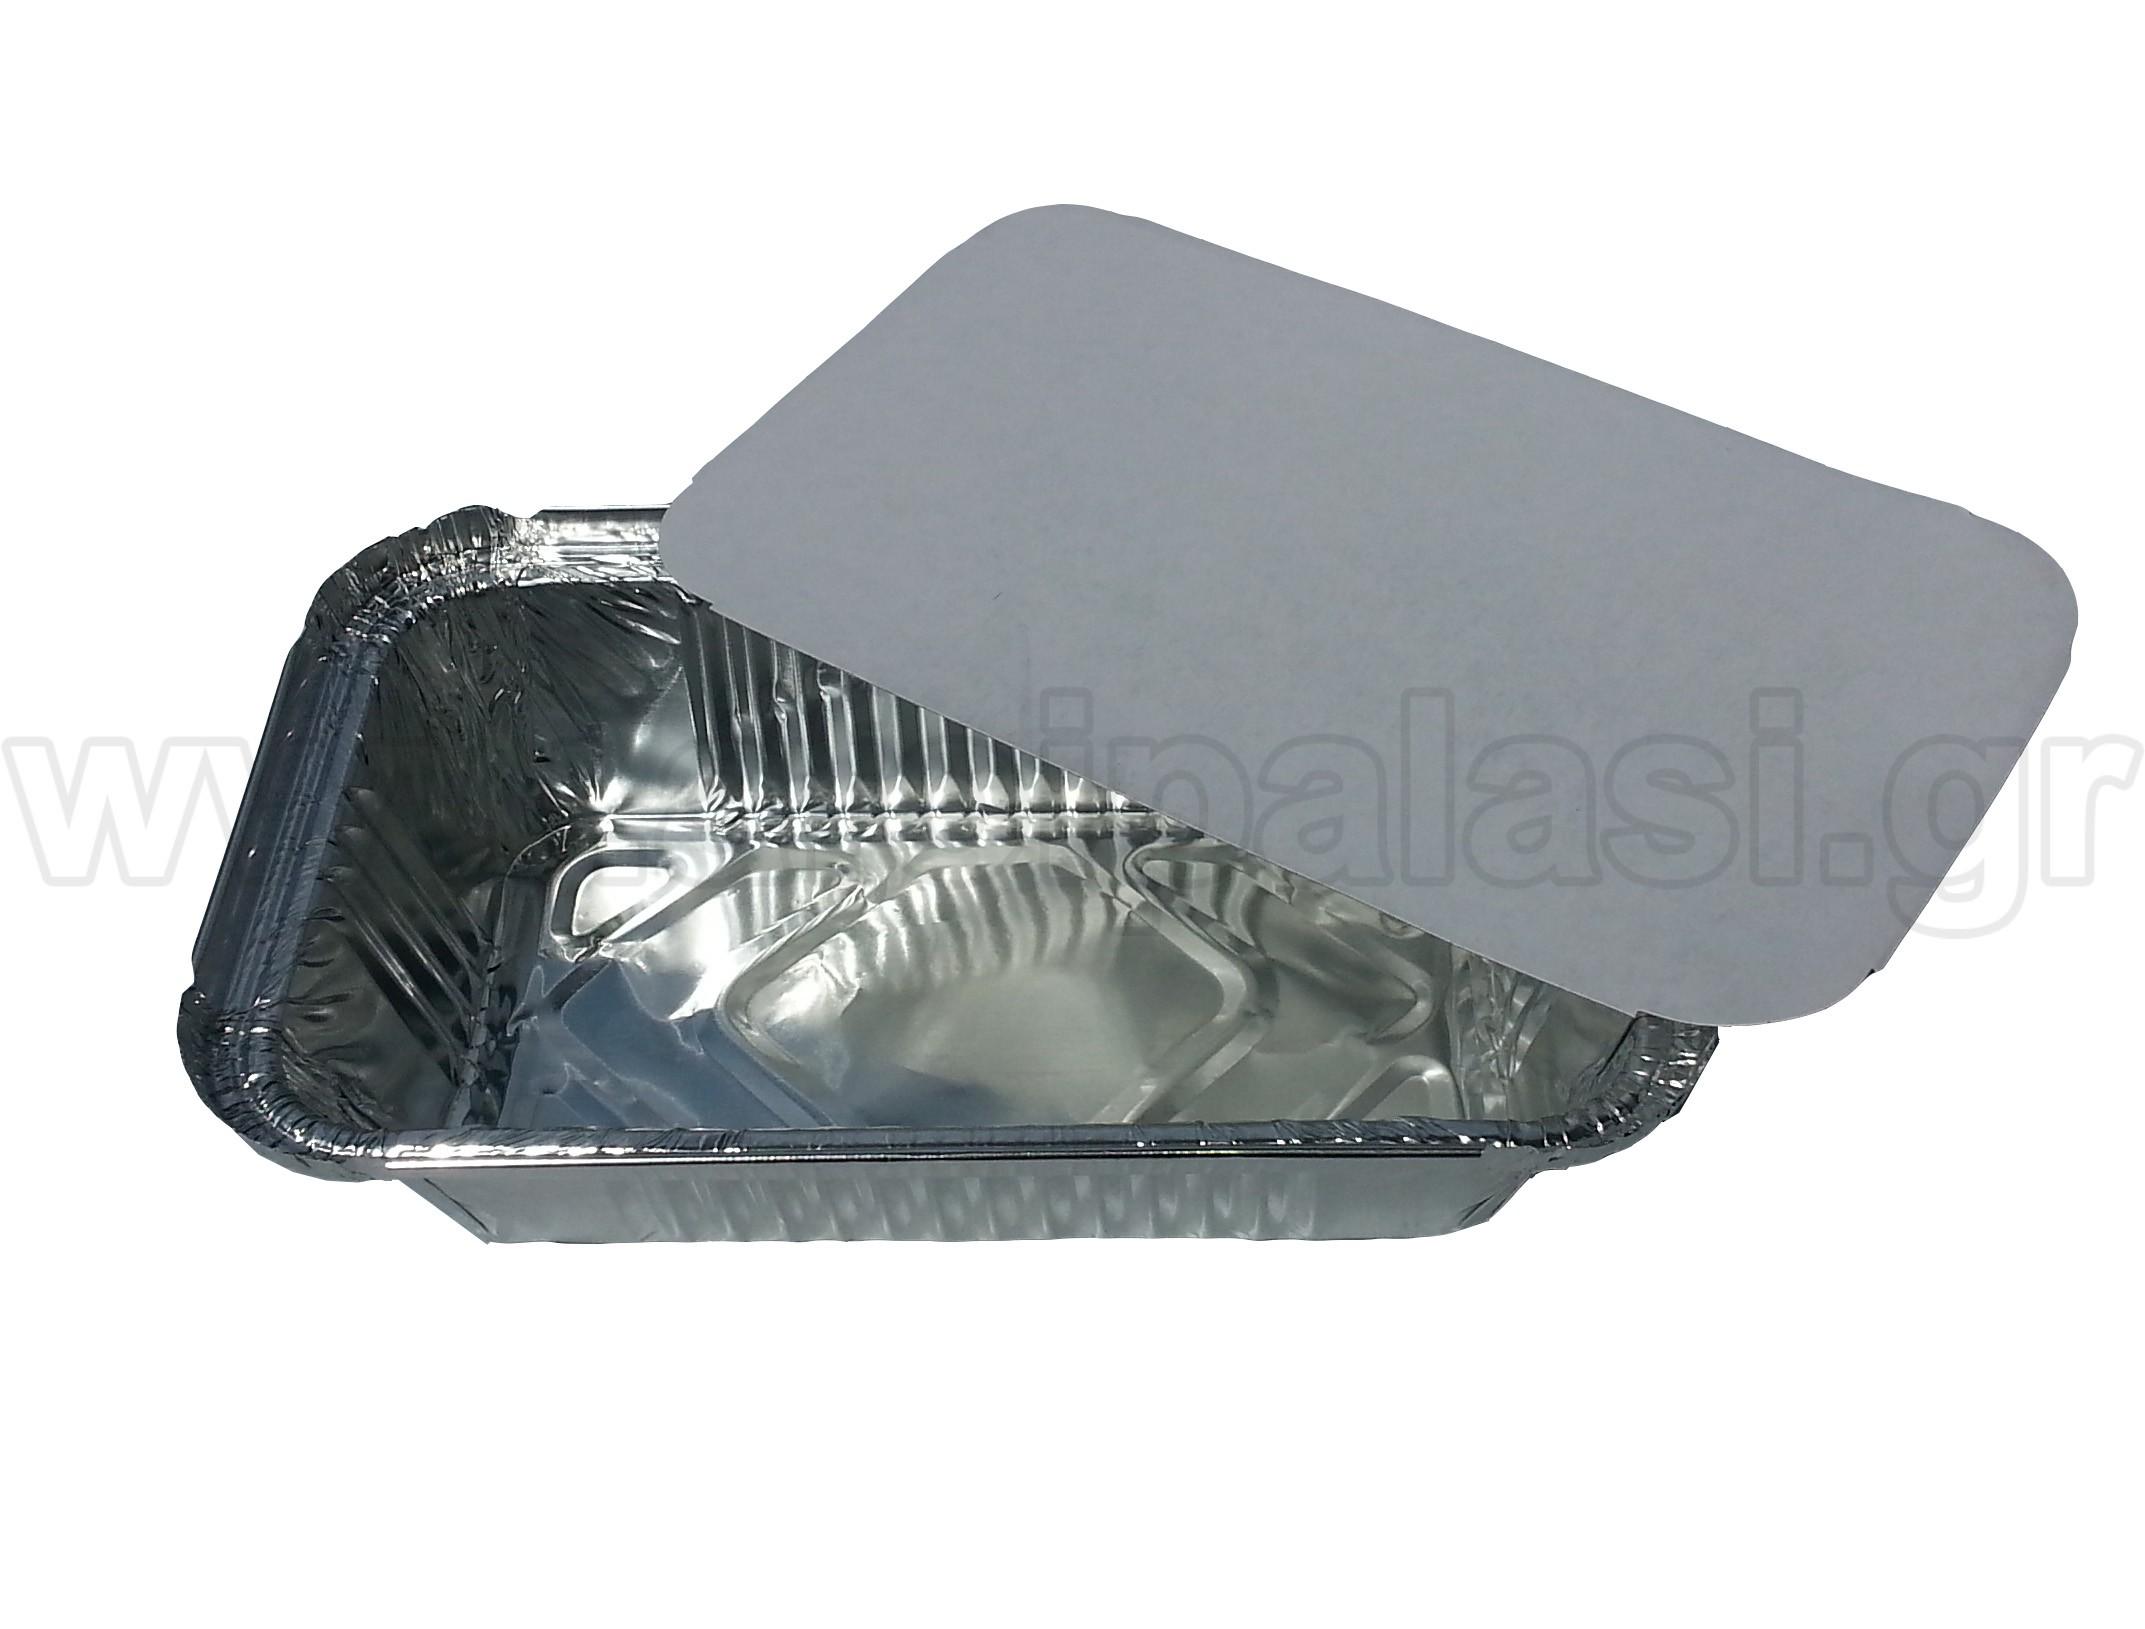 Σκεύη αλουμινίου μιας χρήσης Μακαρονάδας Μεσαίο - 100τμχ